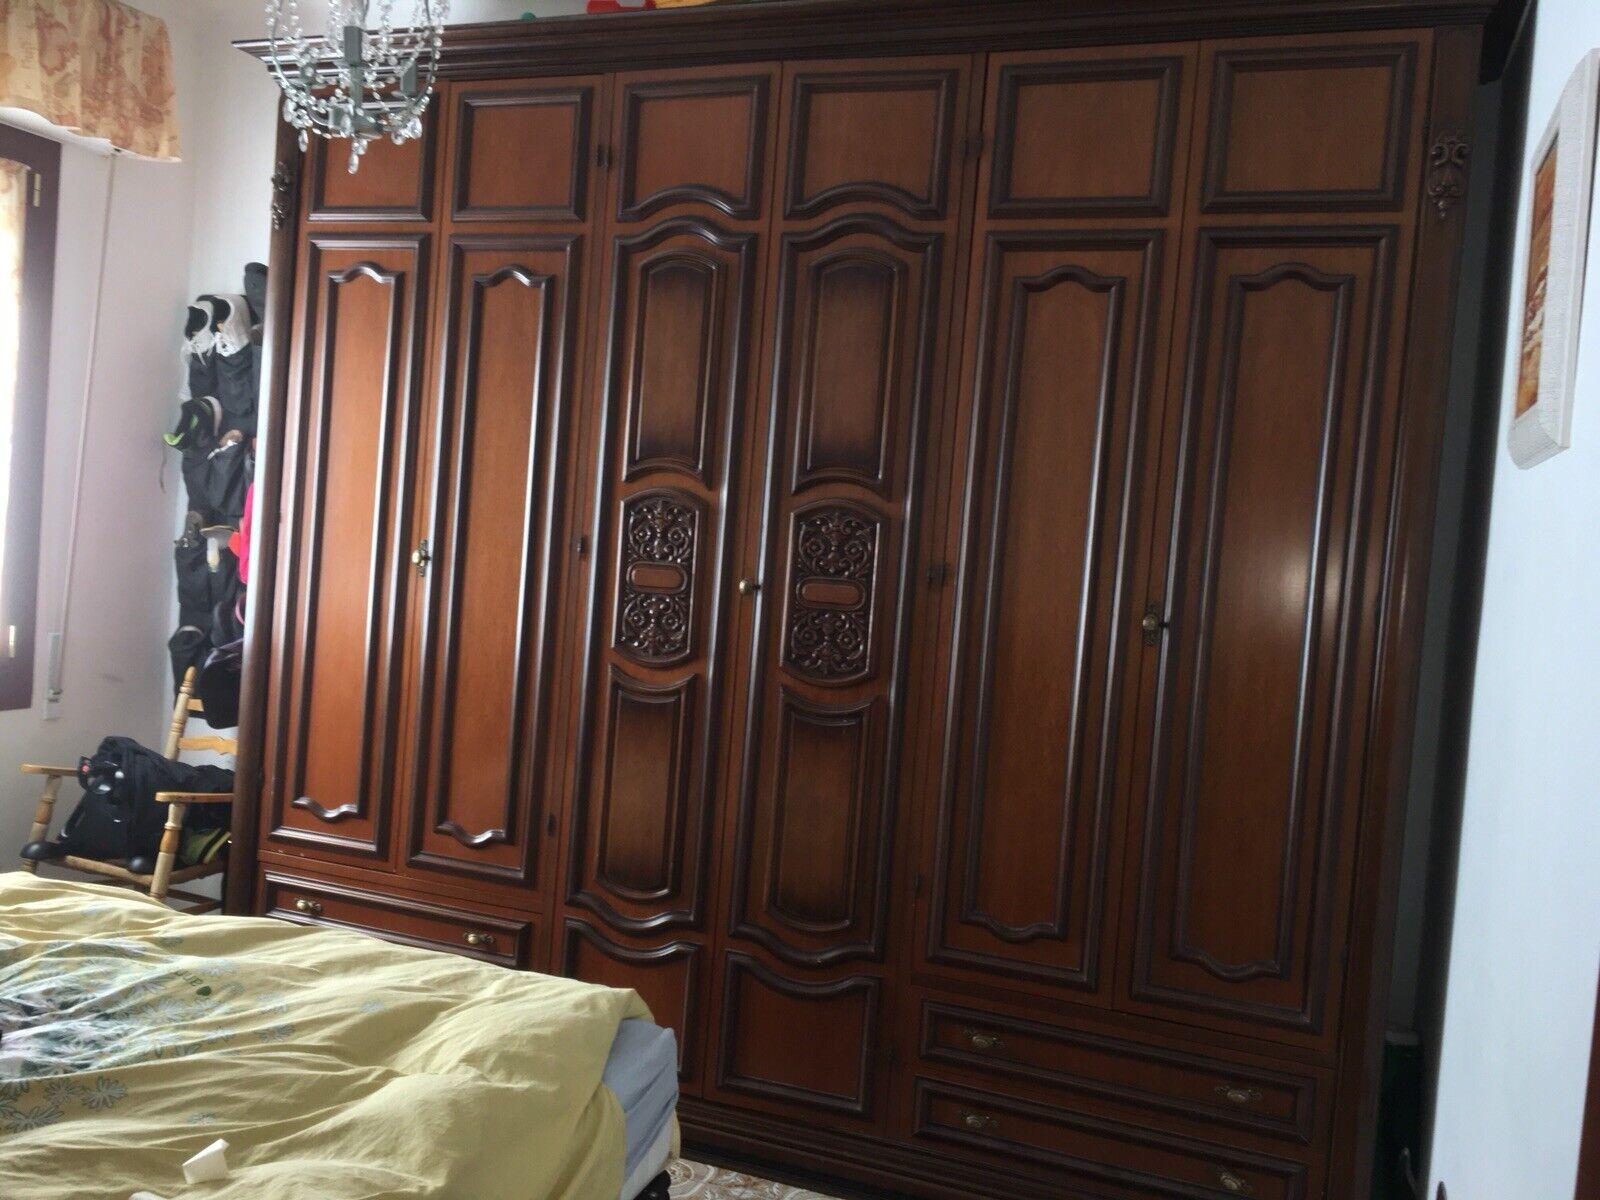 Camera Anni 60 Arredamento Mobili E Accessori Per La Casa Kijiji Annunci Di Ebay